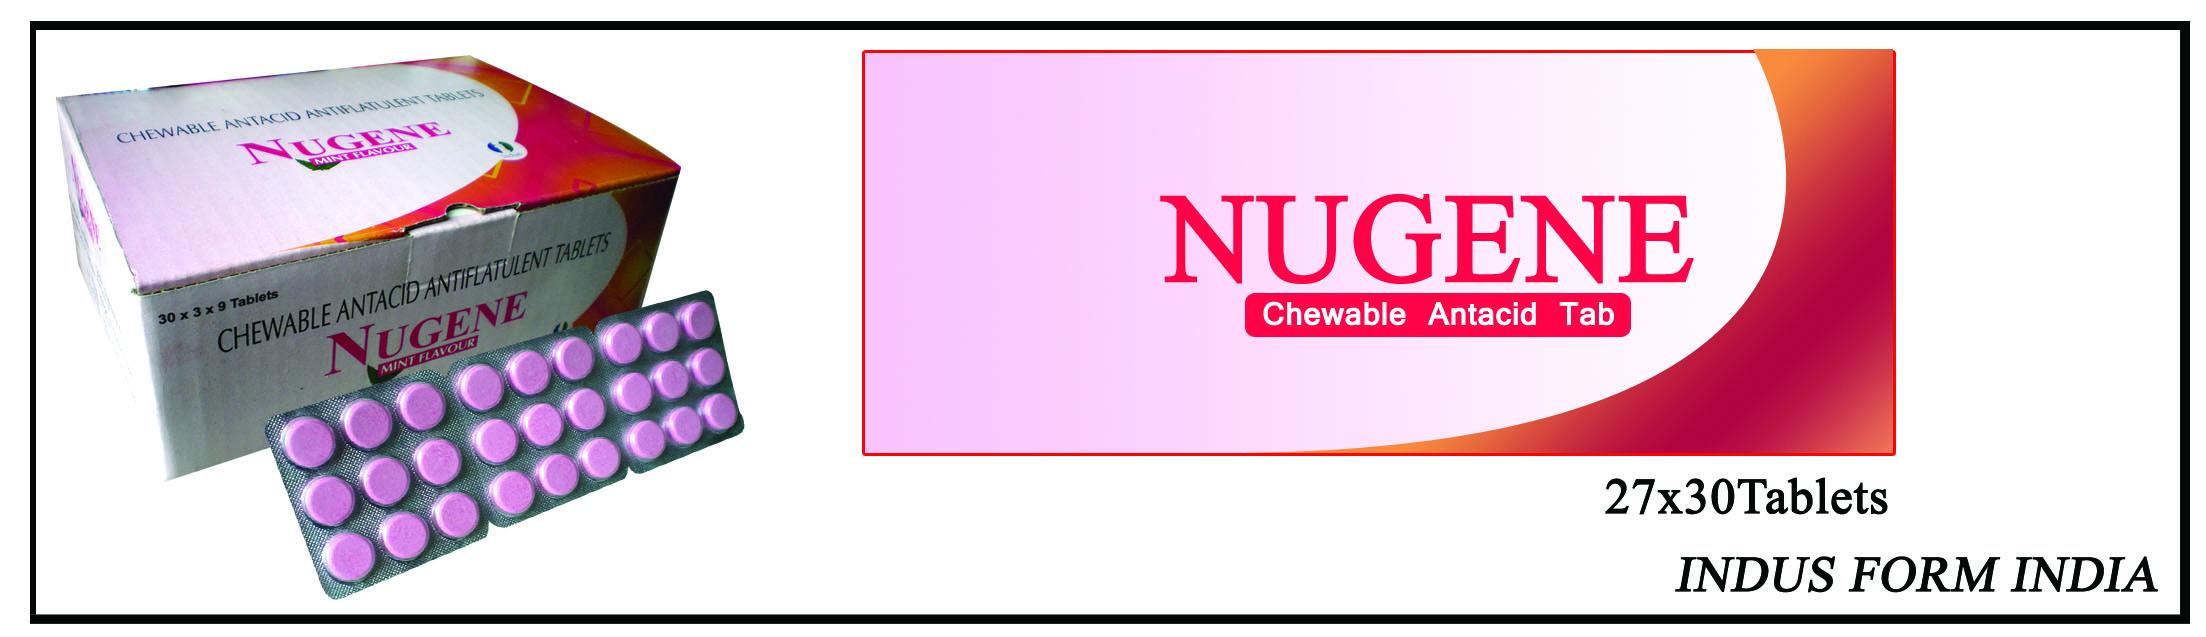 Nugene Tablet